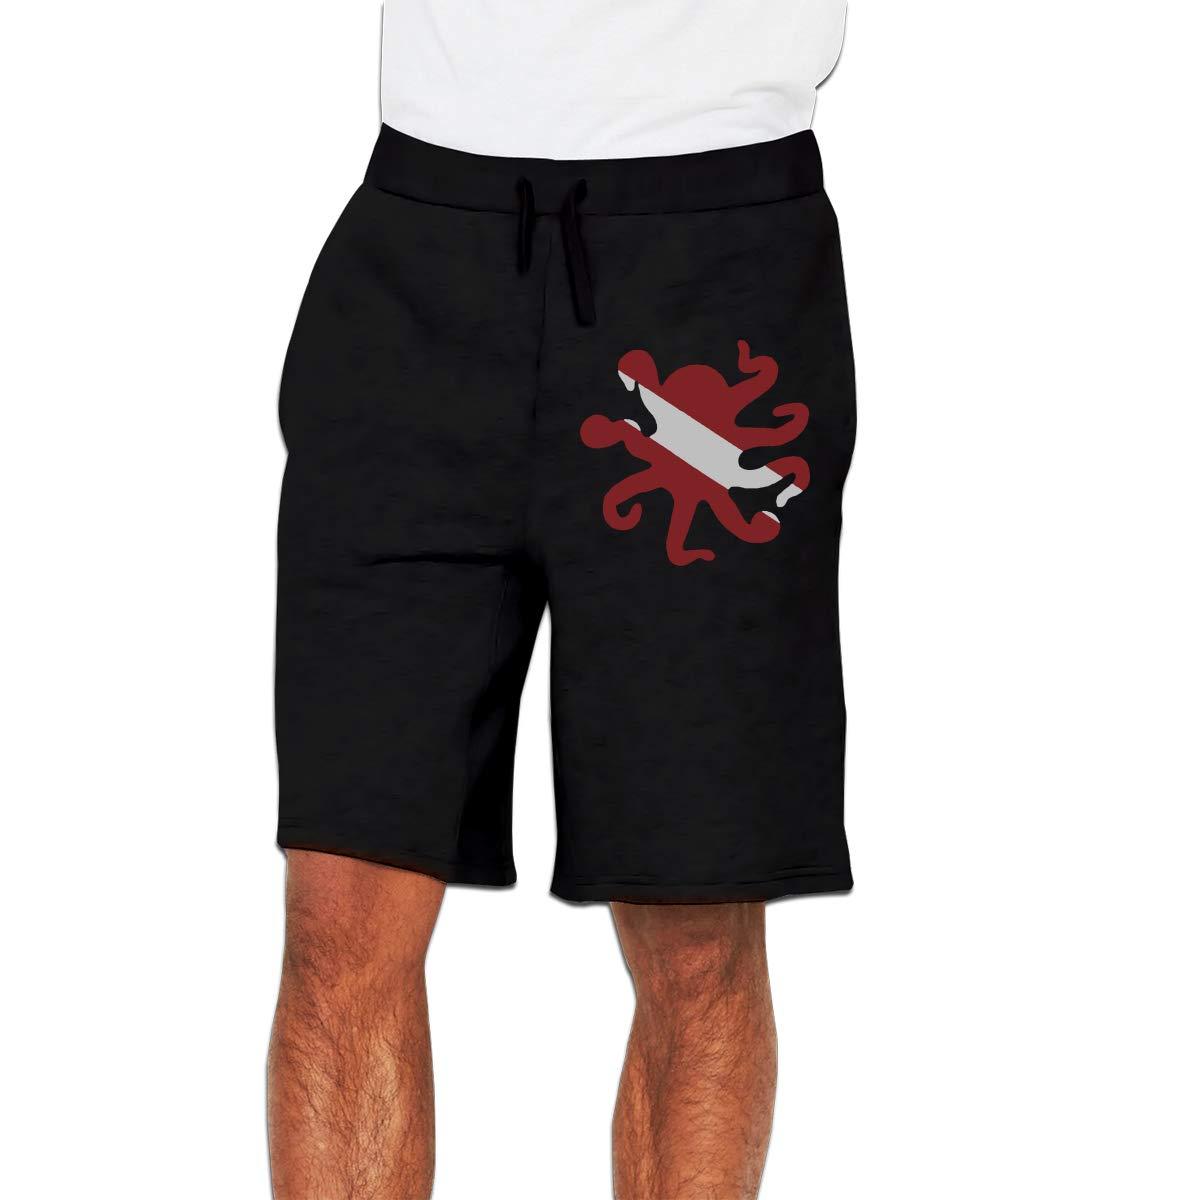 YDXC2FY Mens Board Short Gym Jogging Shorts with Elastic Waist Drawstring